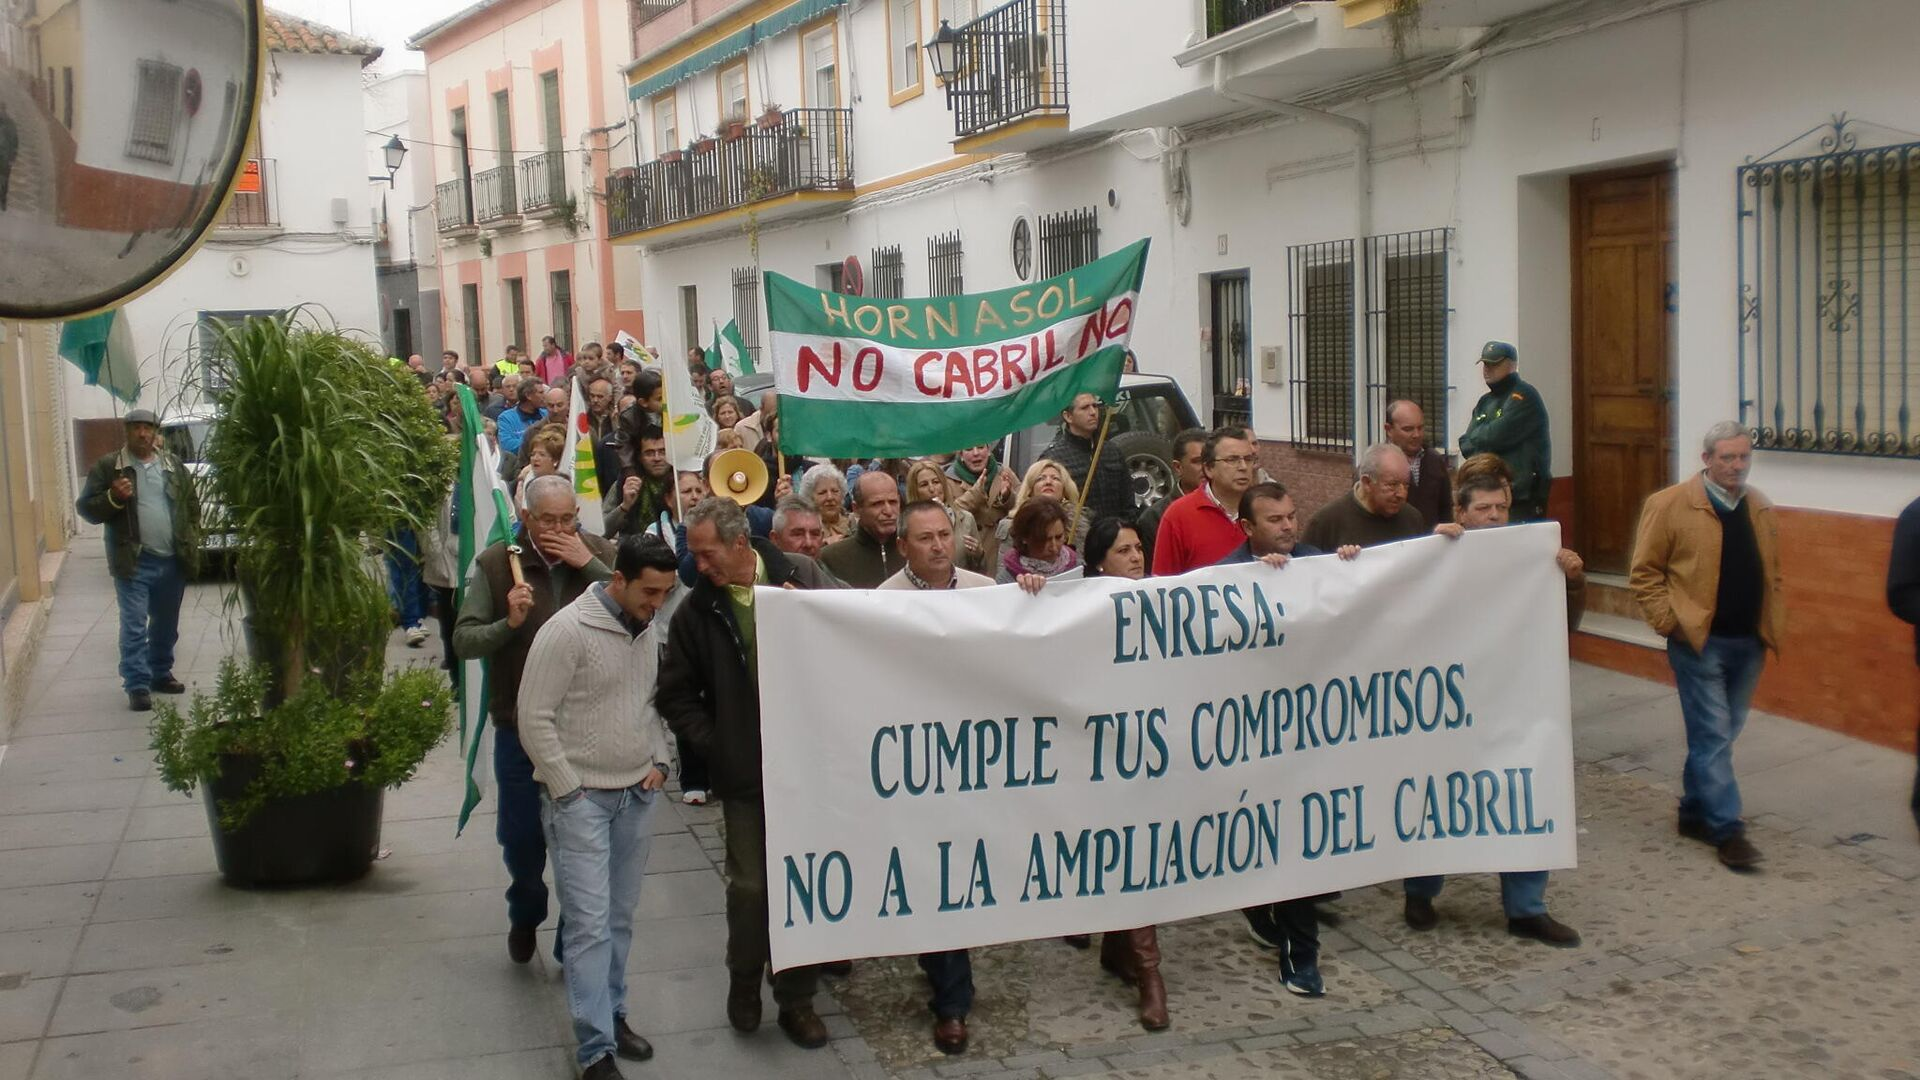 Un manifestación en Hornachuelos contra El Cabril  - Sputnik Mundo, 1920, 21.04.2021